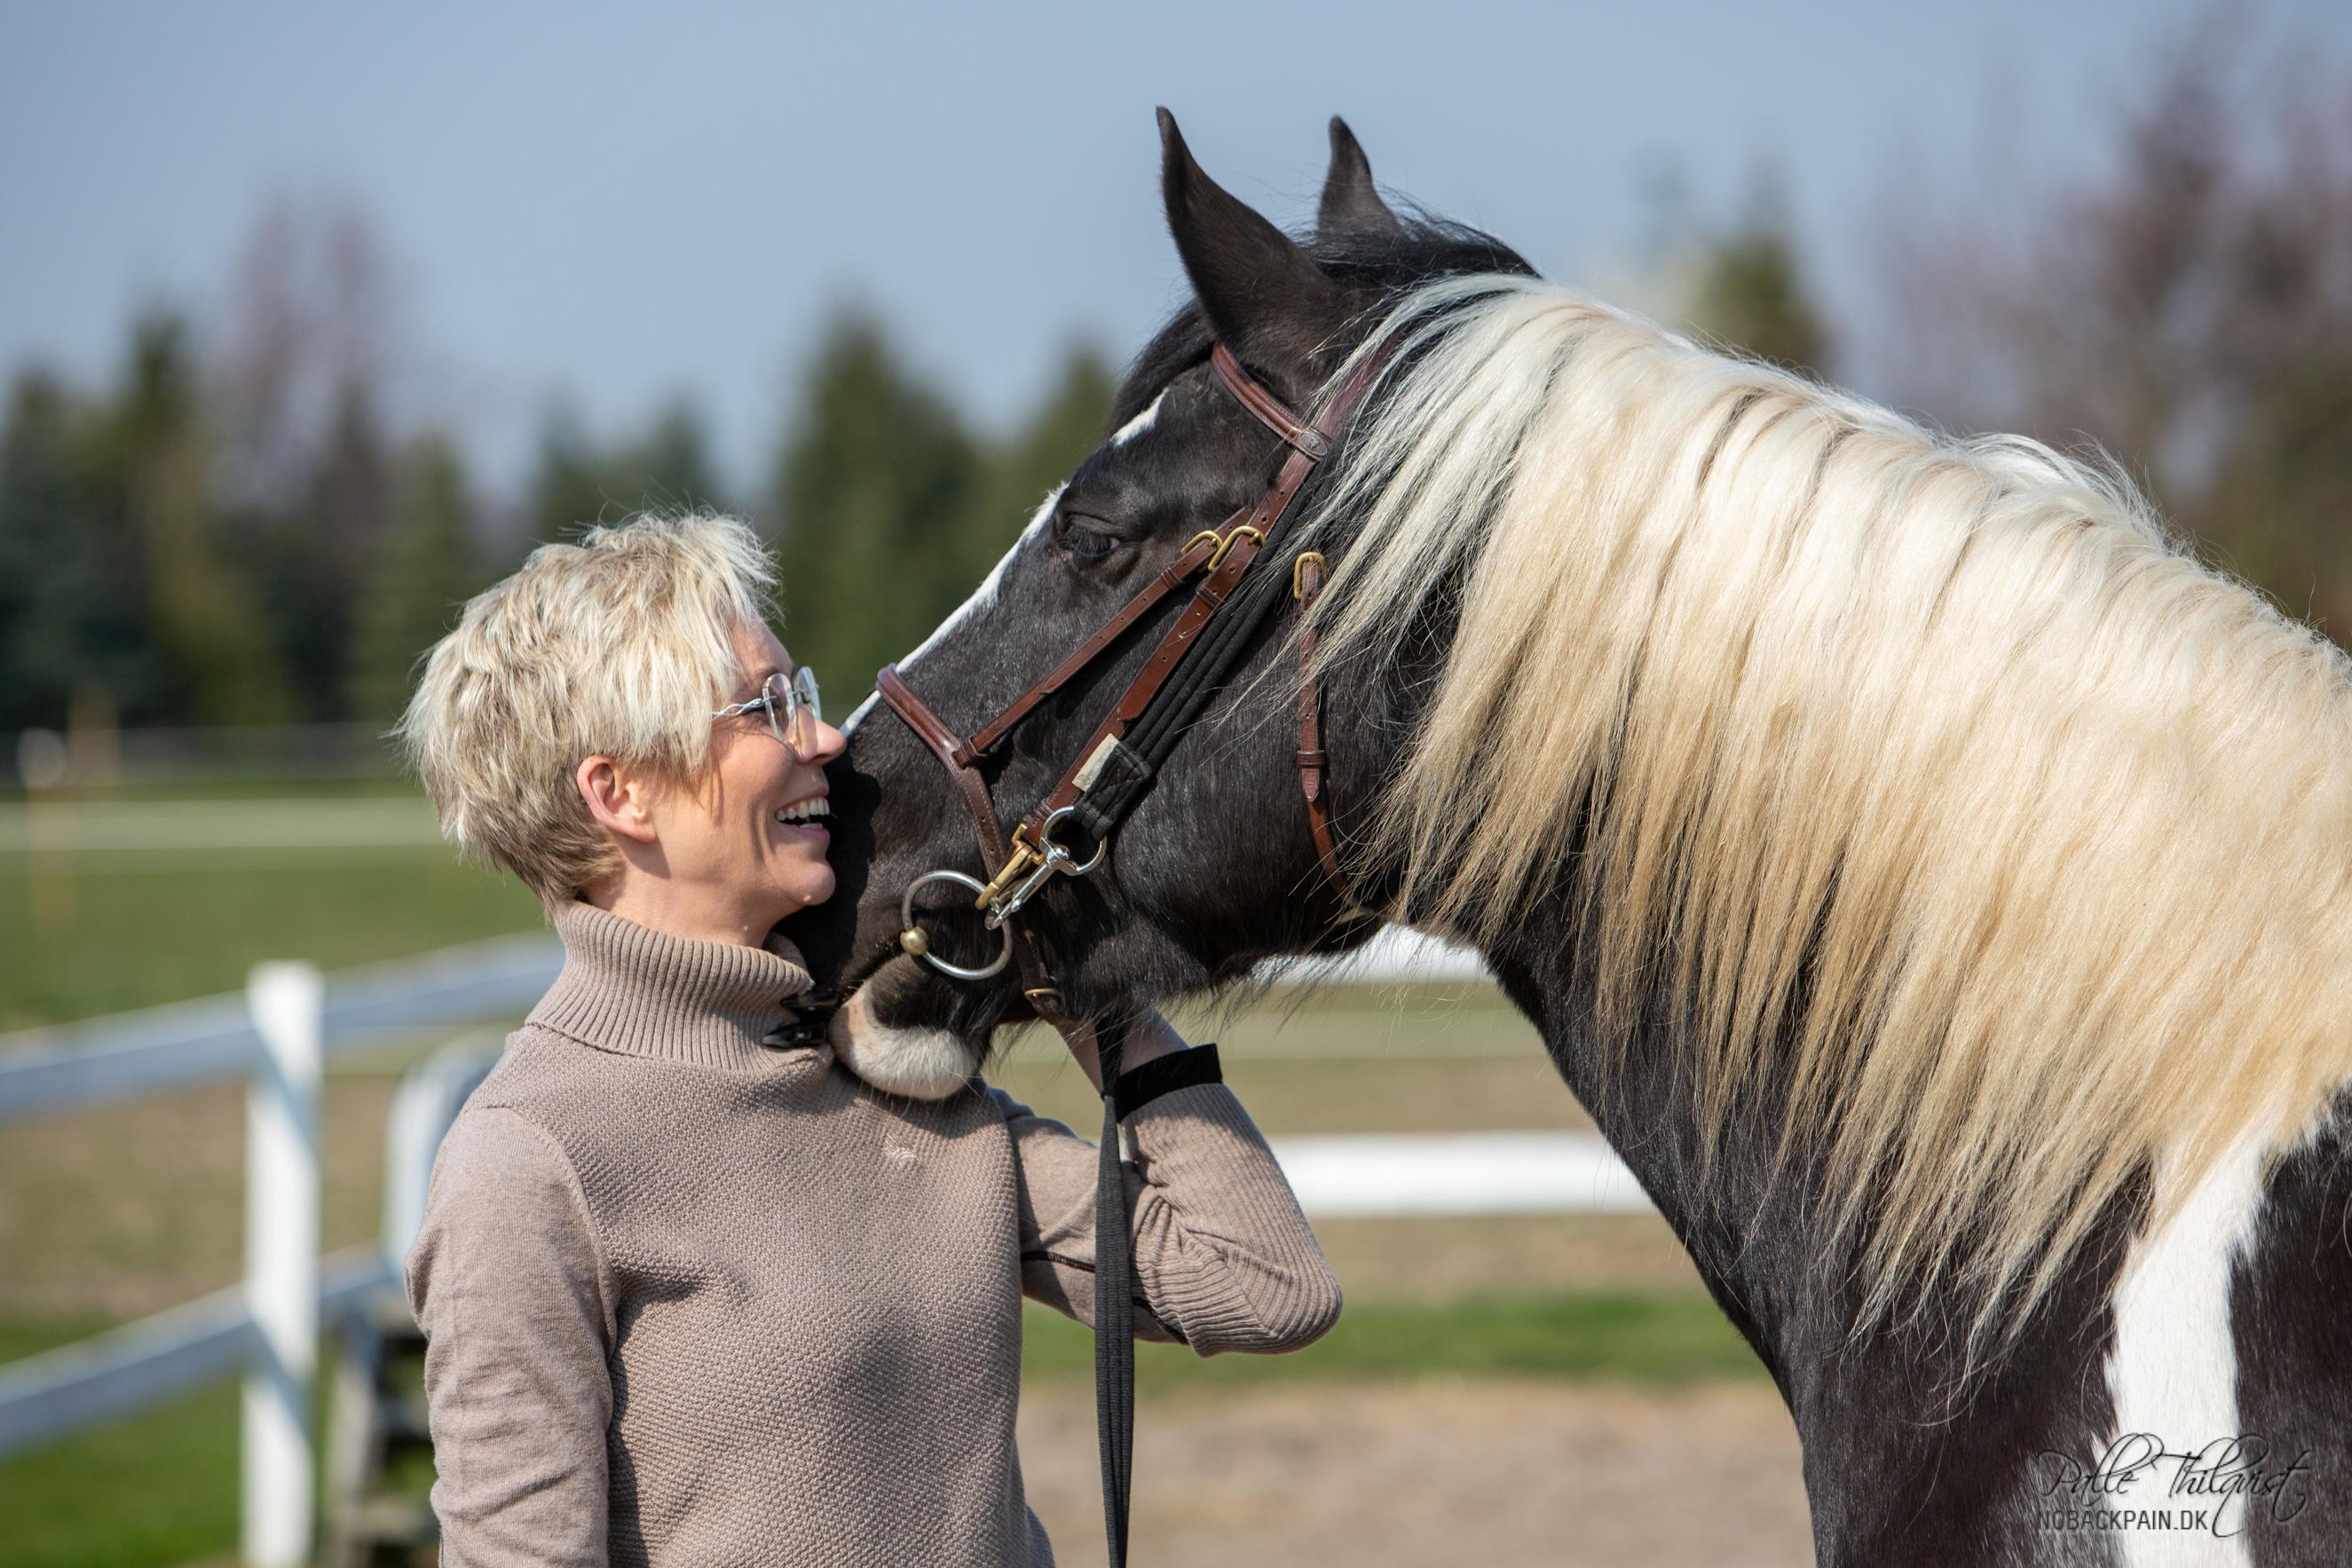 Altid arbejd med hesten i stedet for mod hesten. Den vil give dig så meget glæde tilbage.